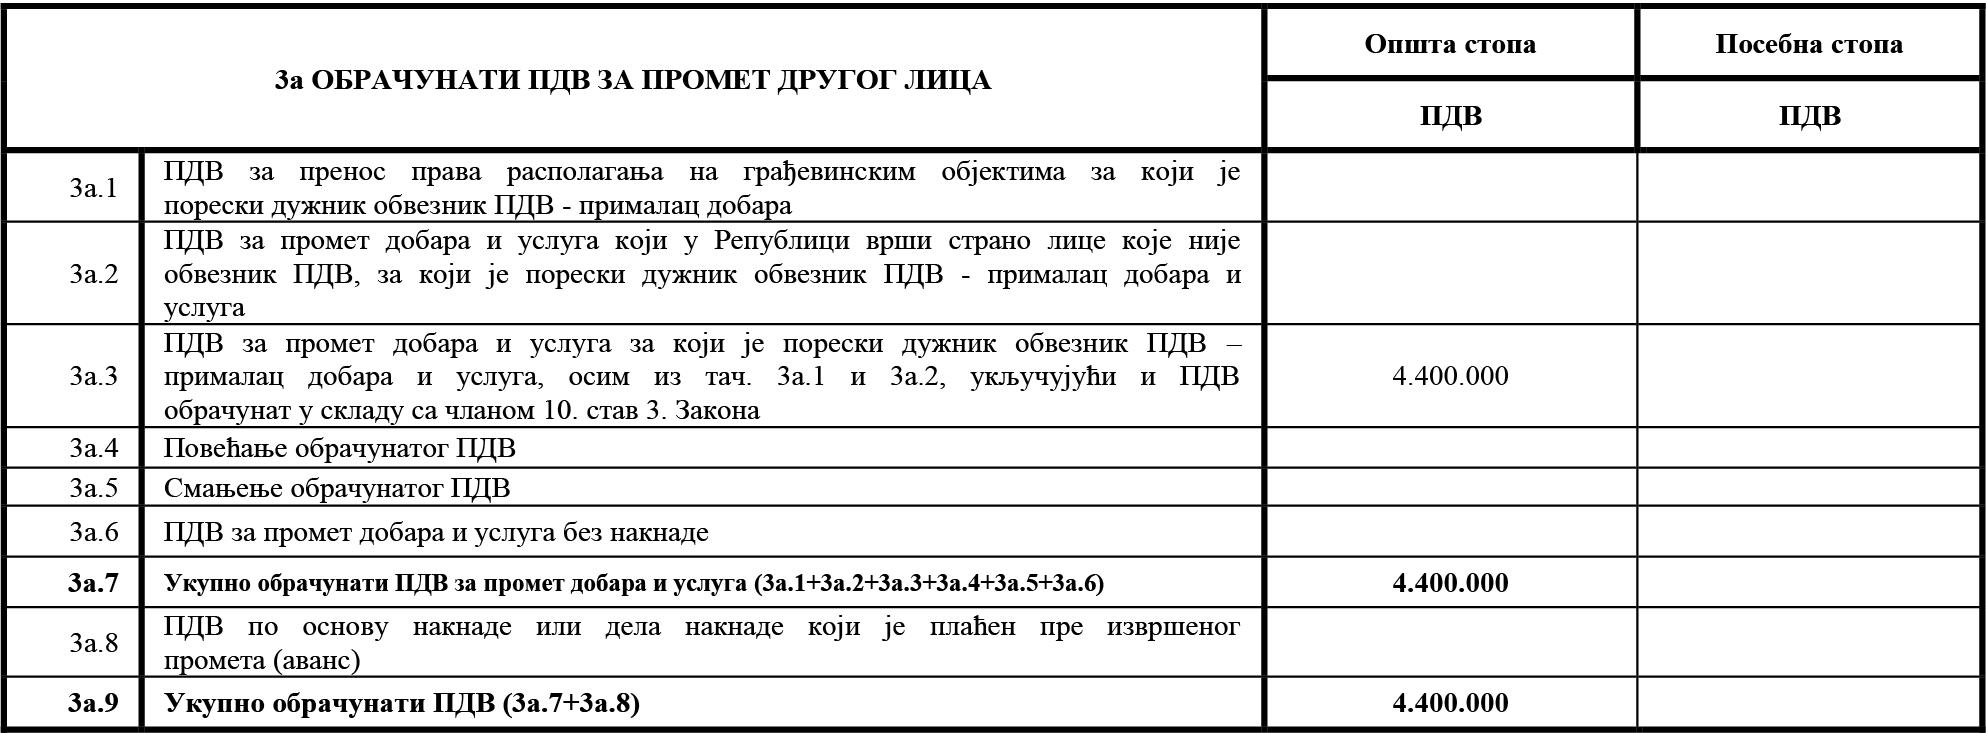 uputstvo PU obrazac POPDV primer 71